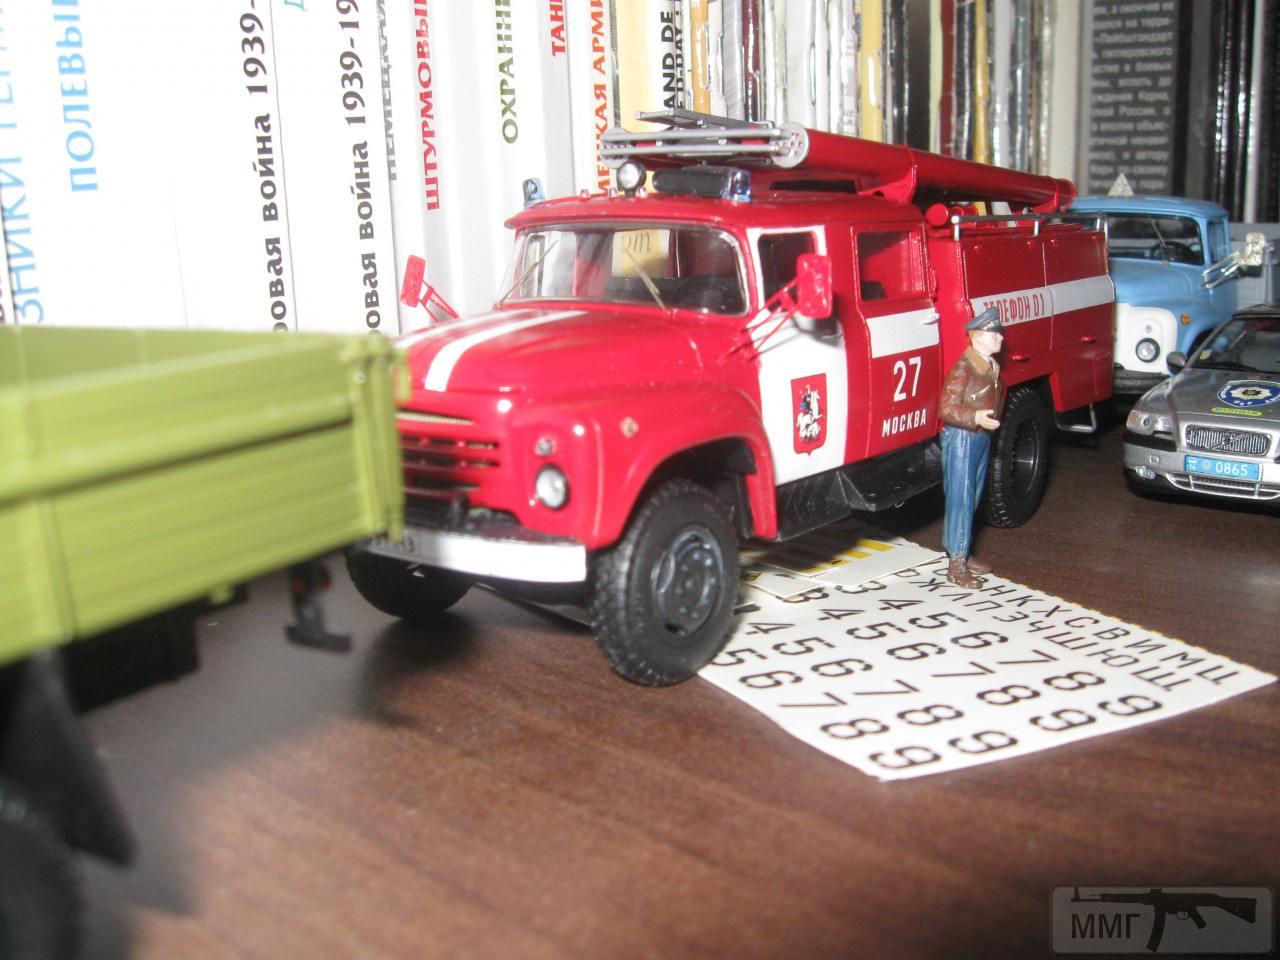 66296 - Модели грузовиков